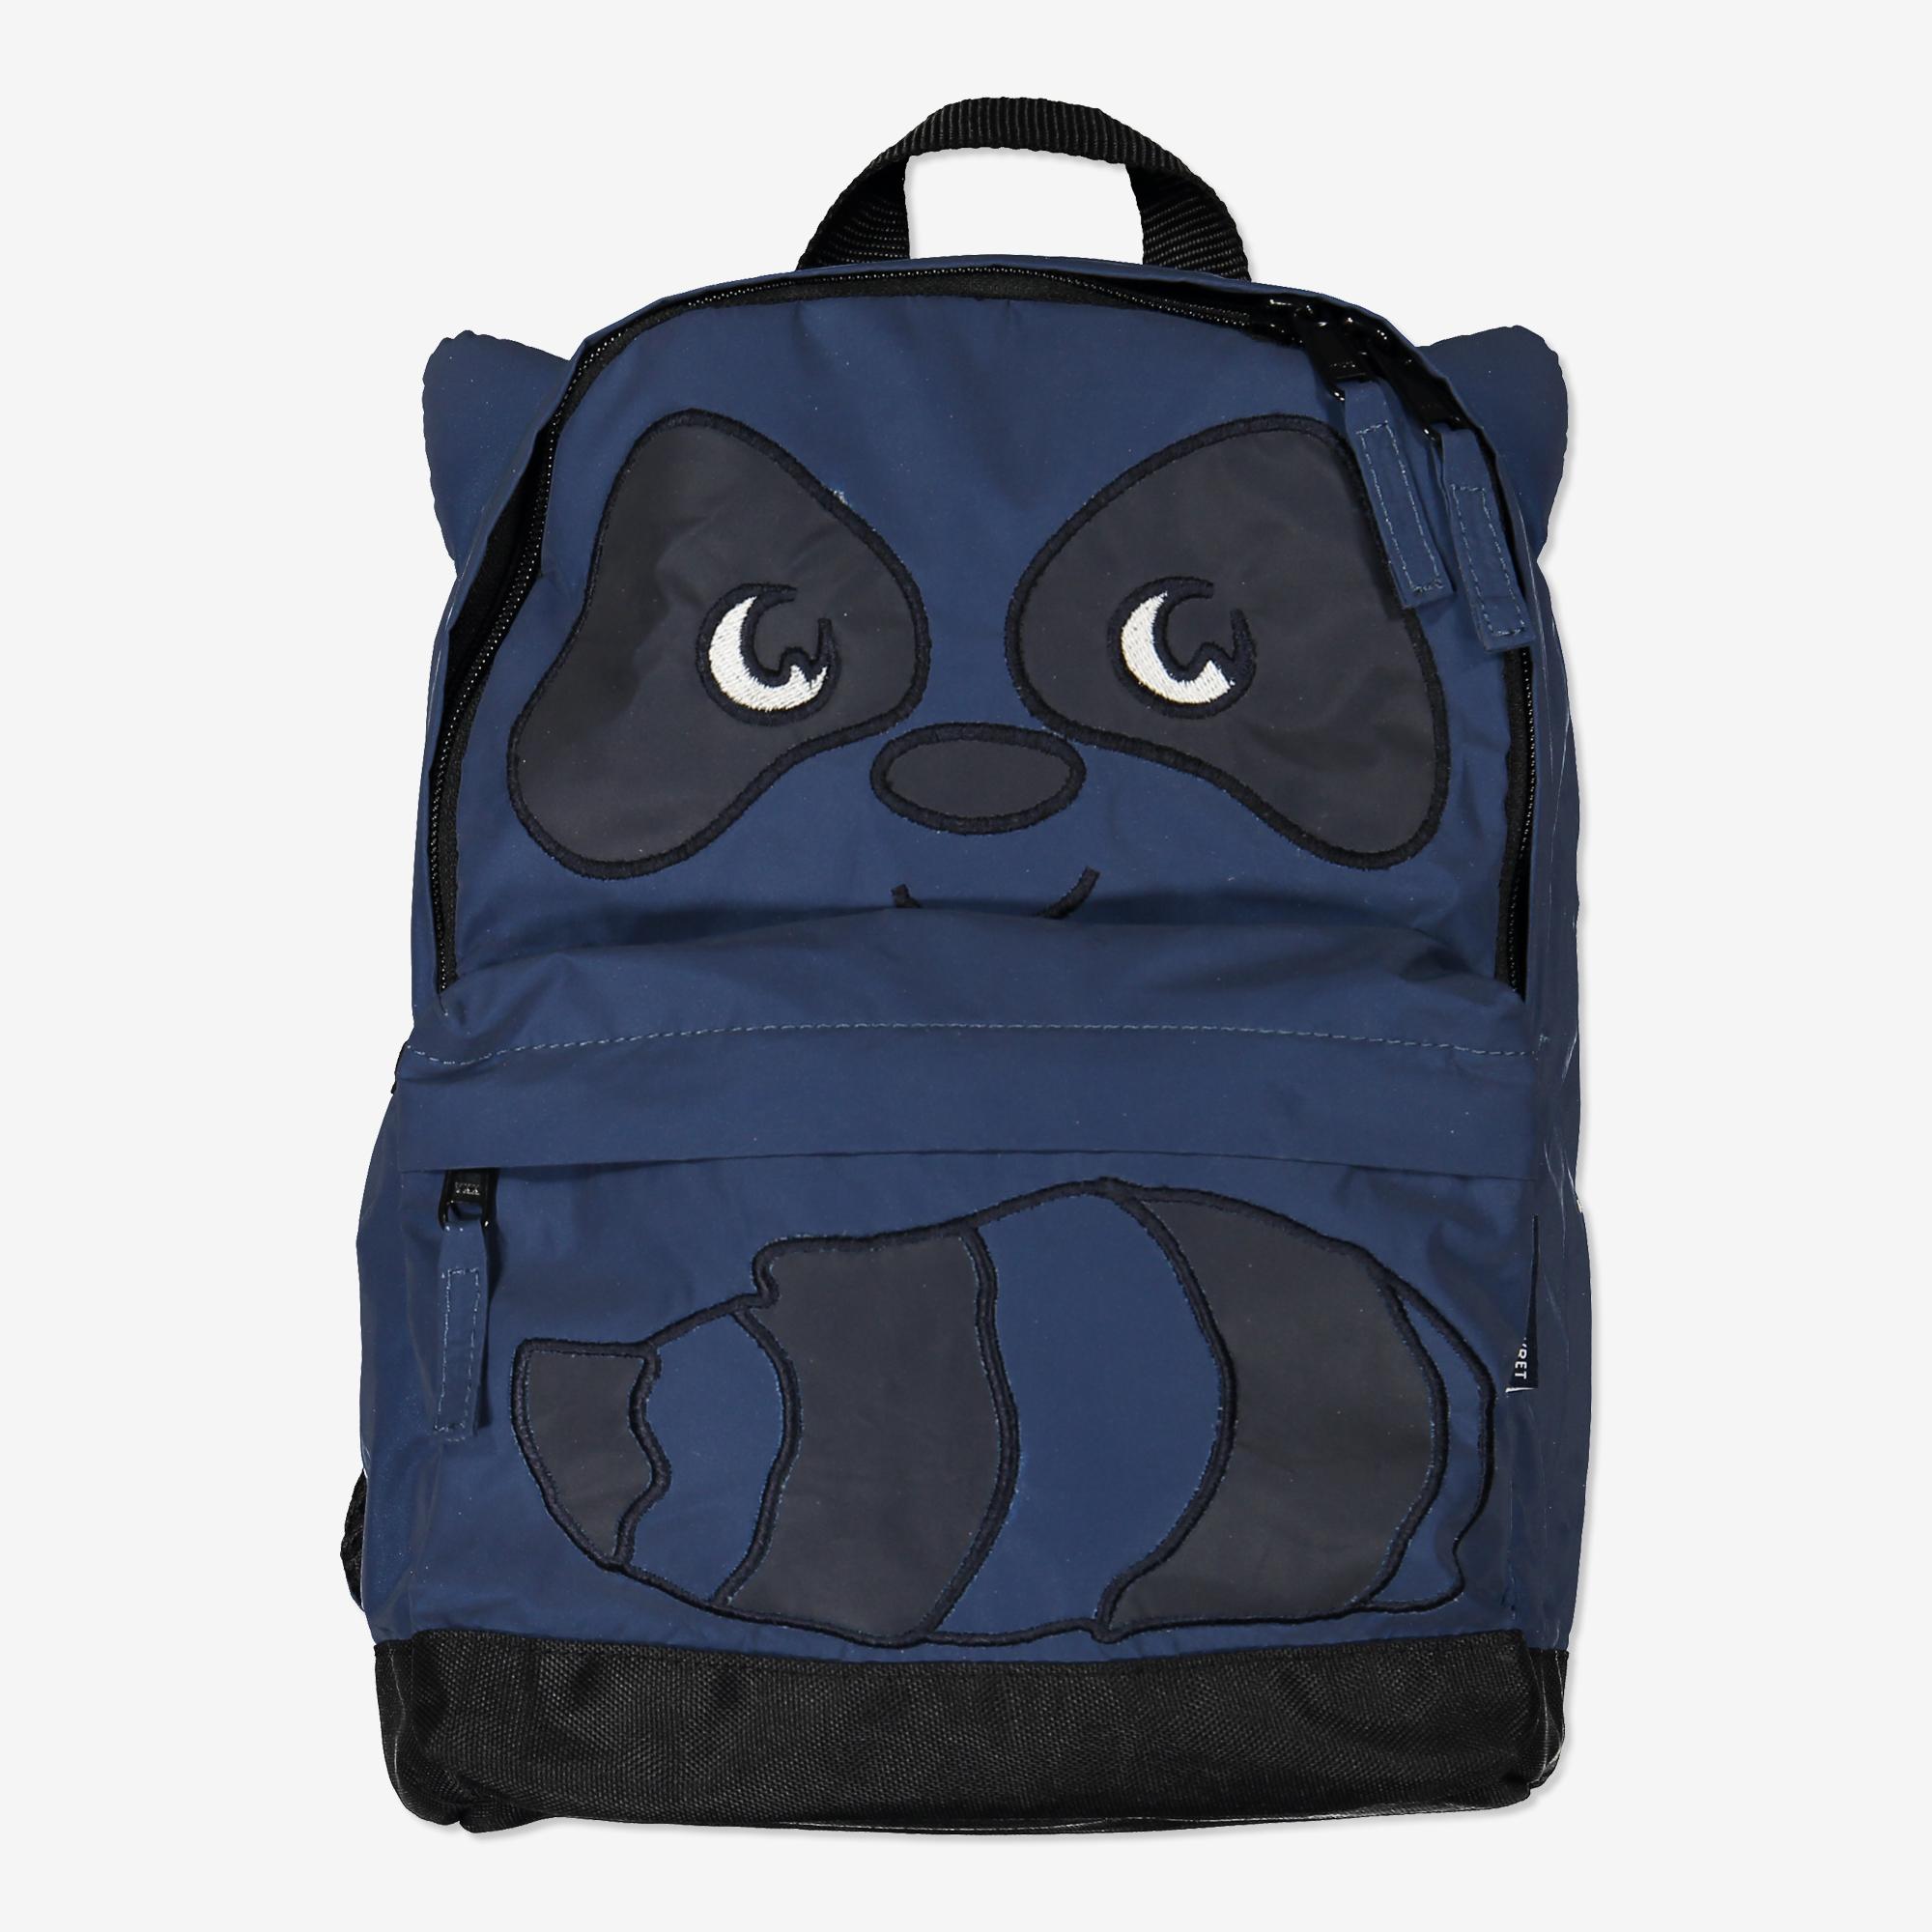 Ryggsäck med tvättbjörns-applikation blå